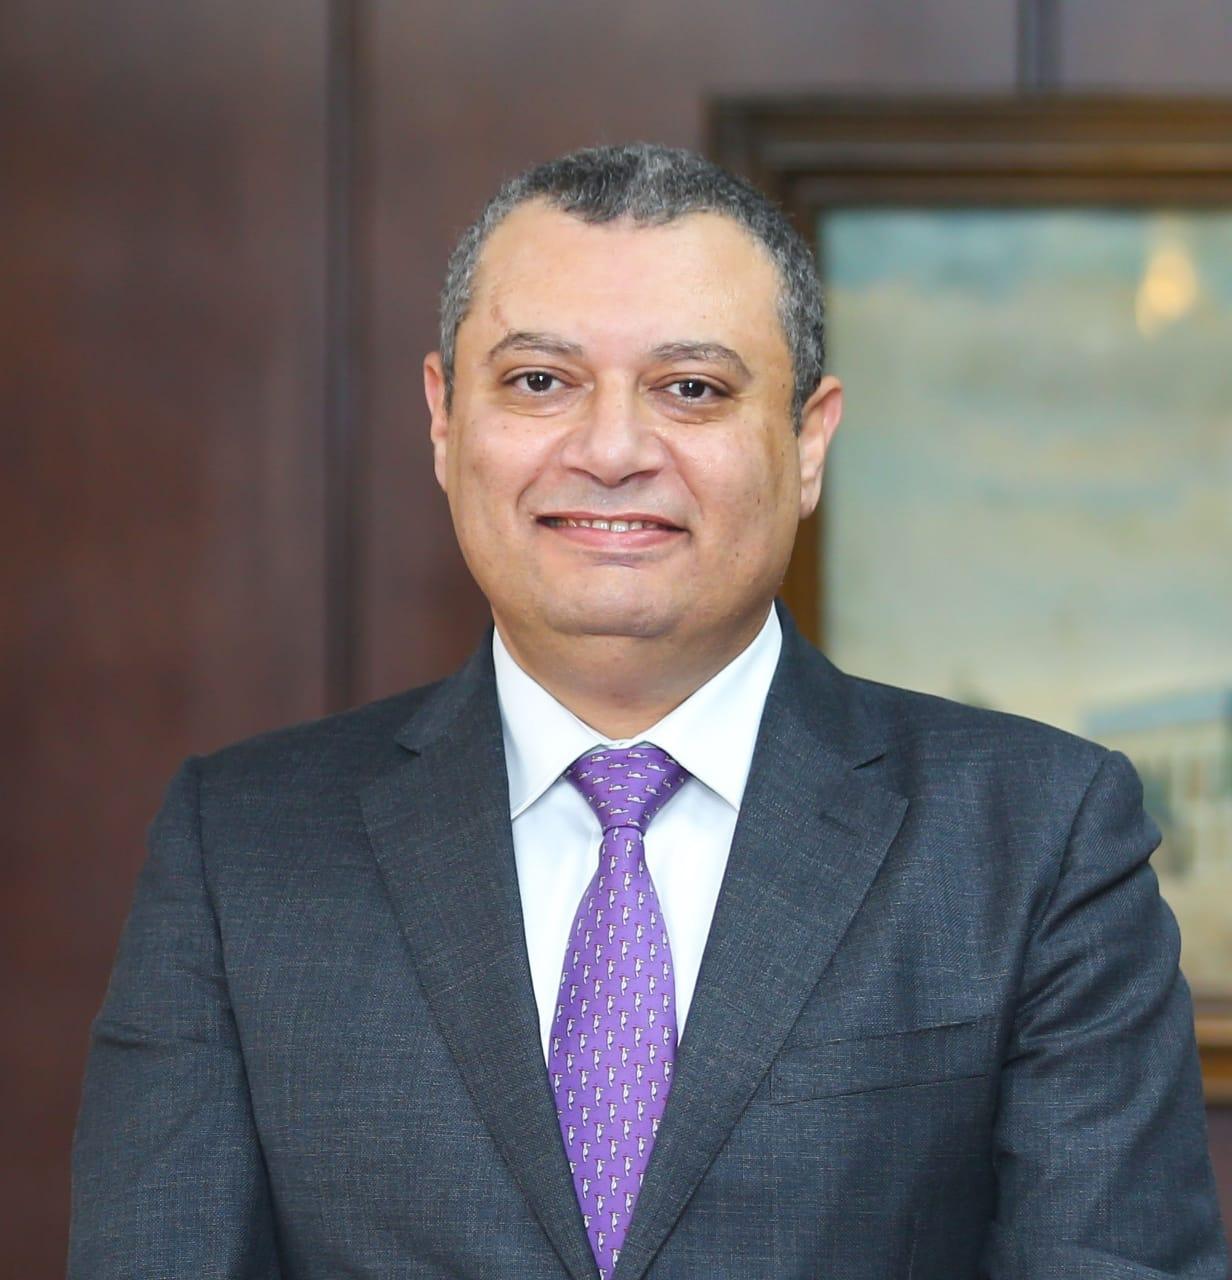 البنك العقاري المصري العربي  يدرب موظفيه على خدمة العملاء أصحاب الهمم